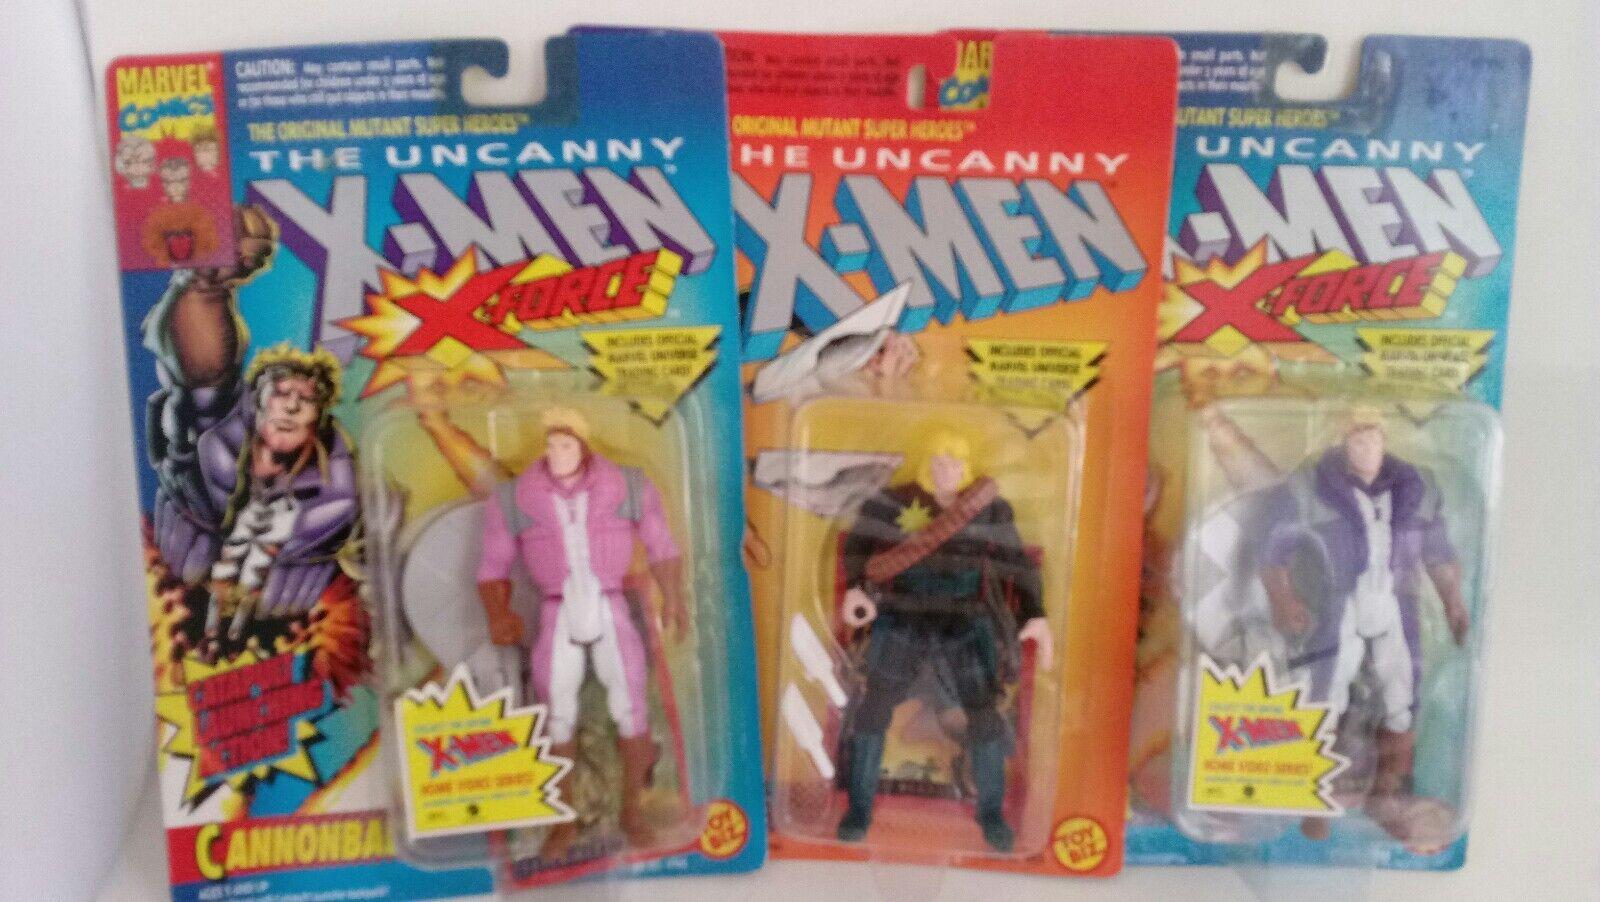 NEW 3 Piece Set 1993 1993 1993 X-Men X Force Action Figures Cannonball Longshot 7d761e